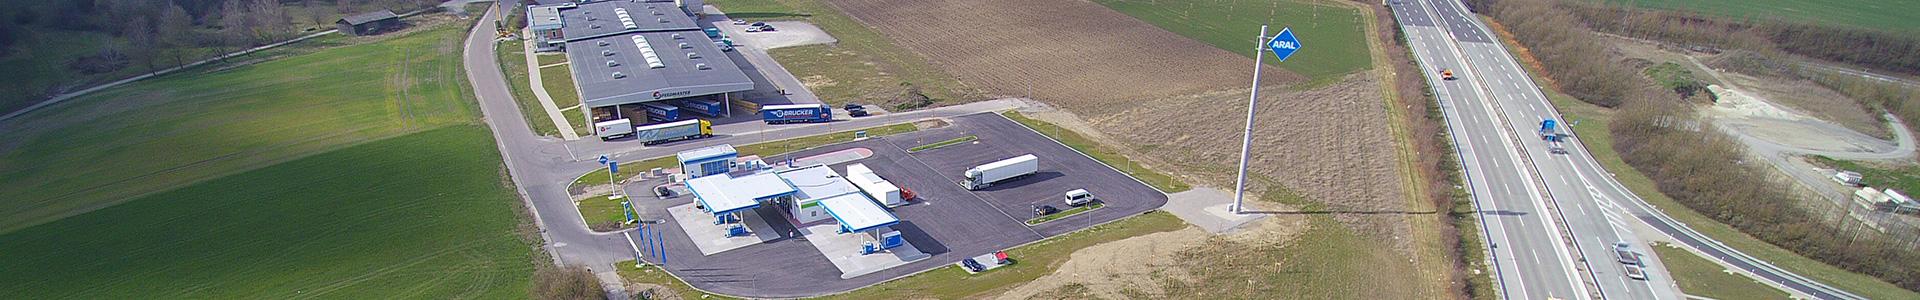 Luftaufnahme der im Gewerbepark Rothenburg ob der Tauber und Umland ansäßigen Tankstelle mit der daneben verlaufenden Autobahn A7